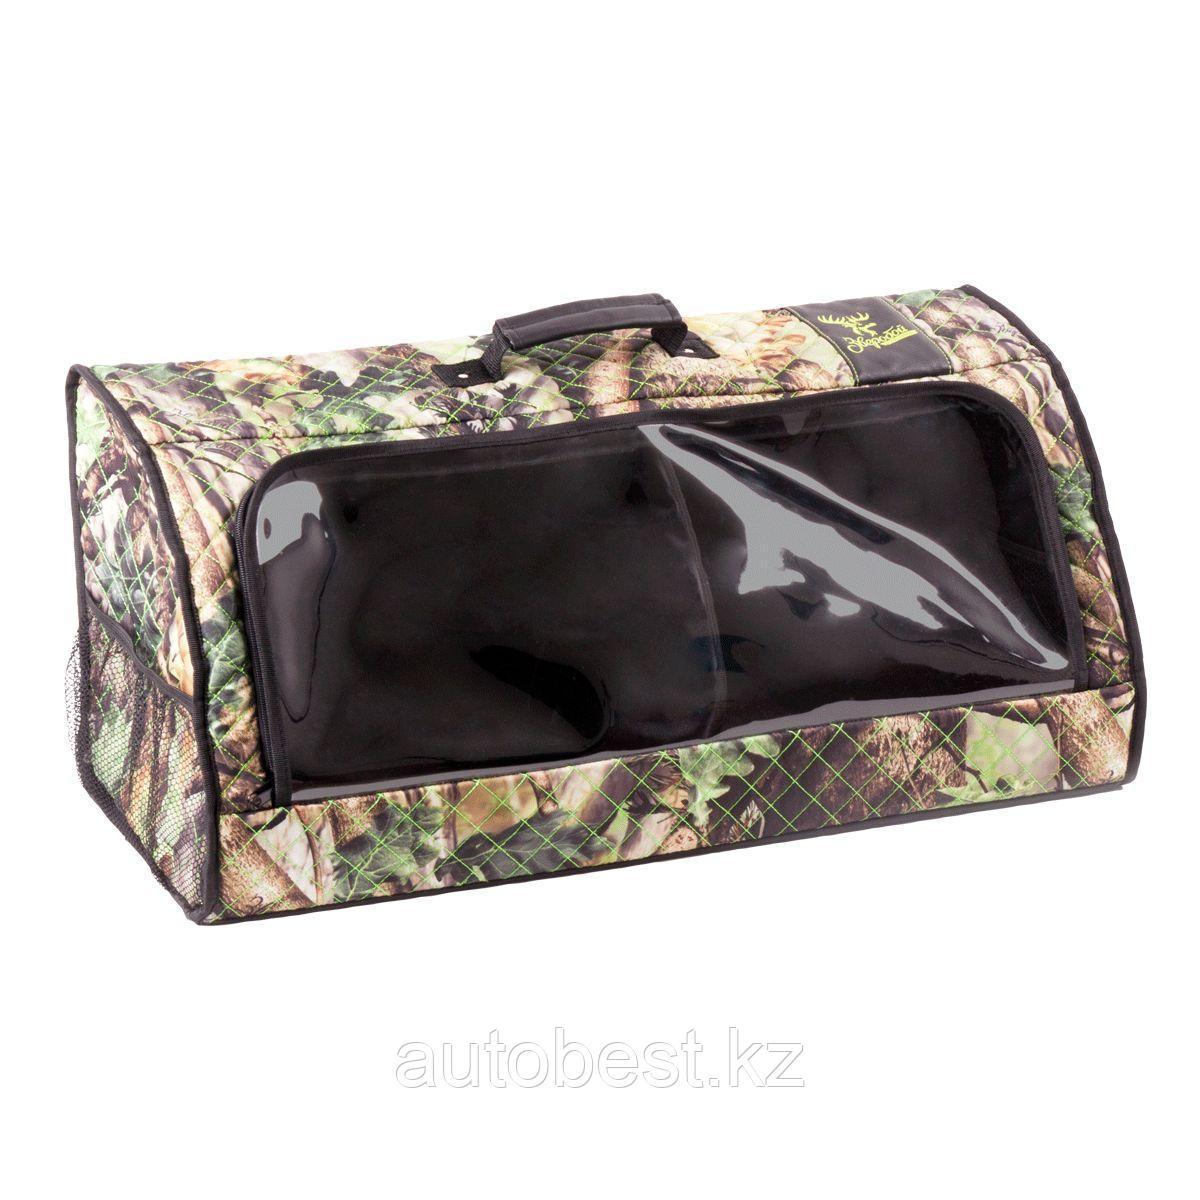 Органайзер в багажник «Зверобой», 70*30*30 см, прозрачный клапан, брезентовая ткань, вставки из экокожи, расцв